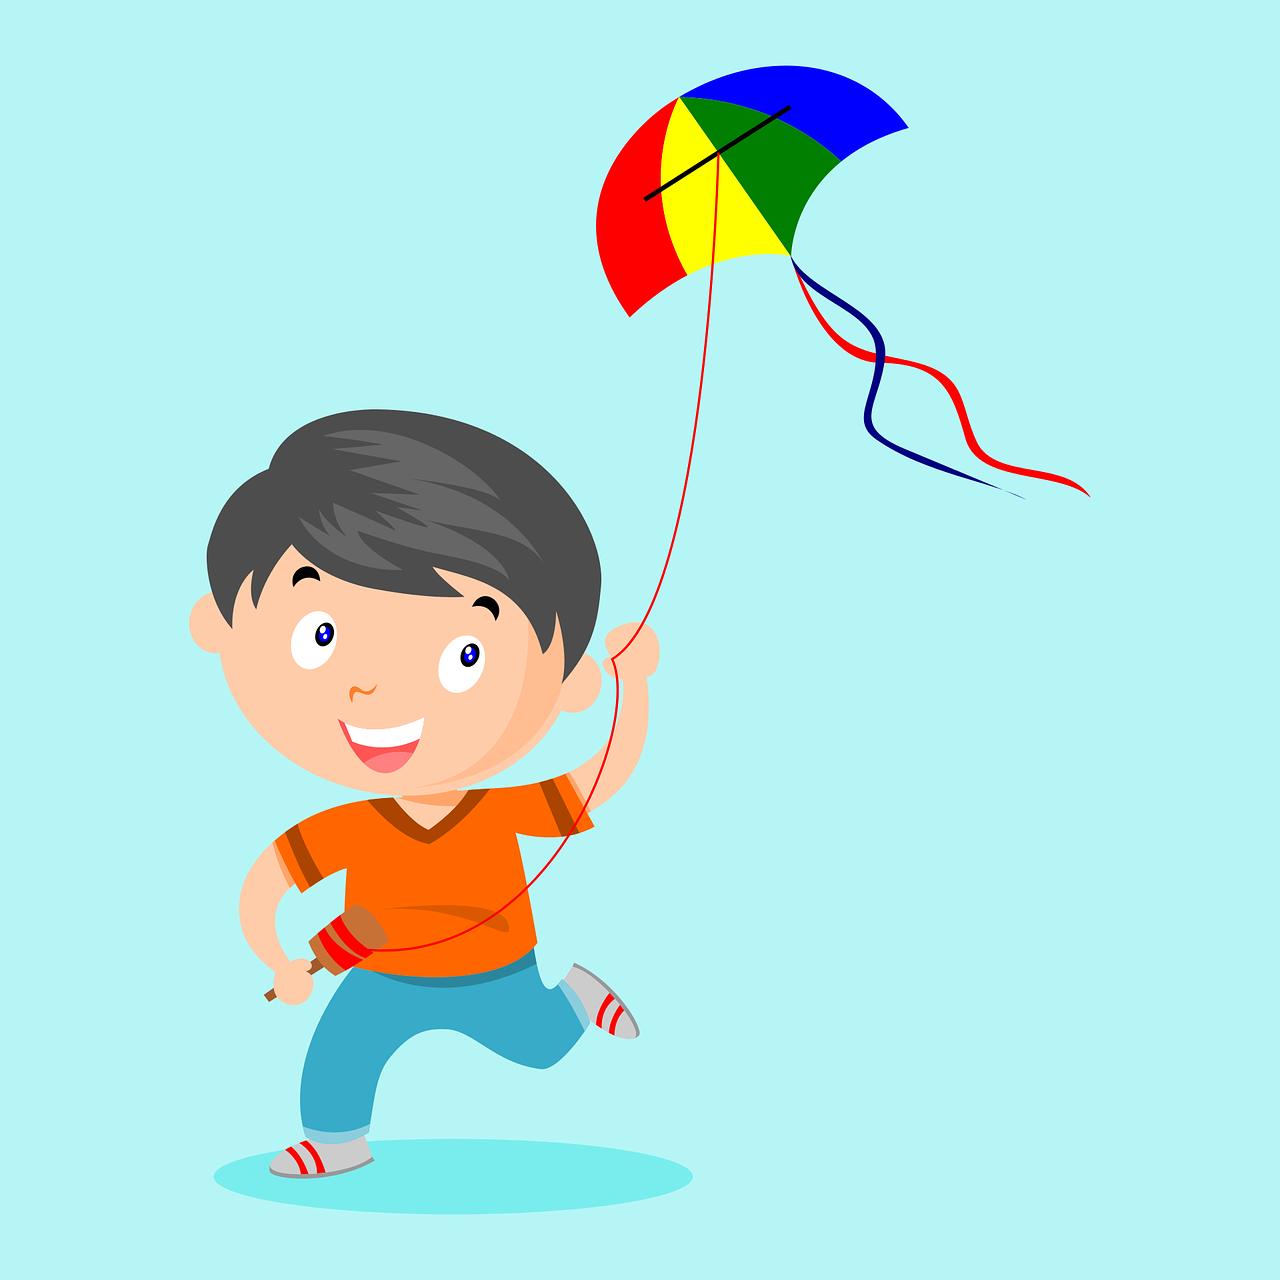 Картинка мальчика с воздушным змеем